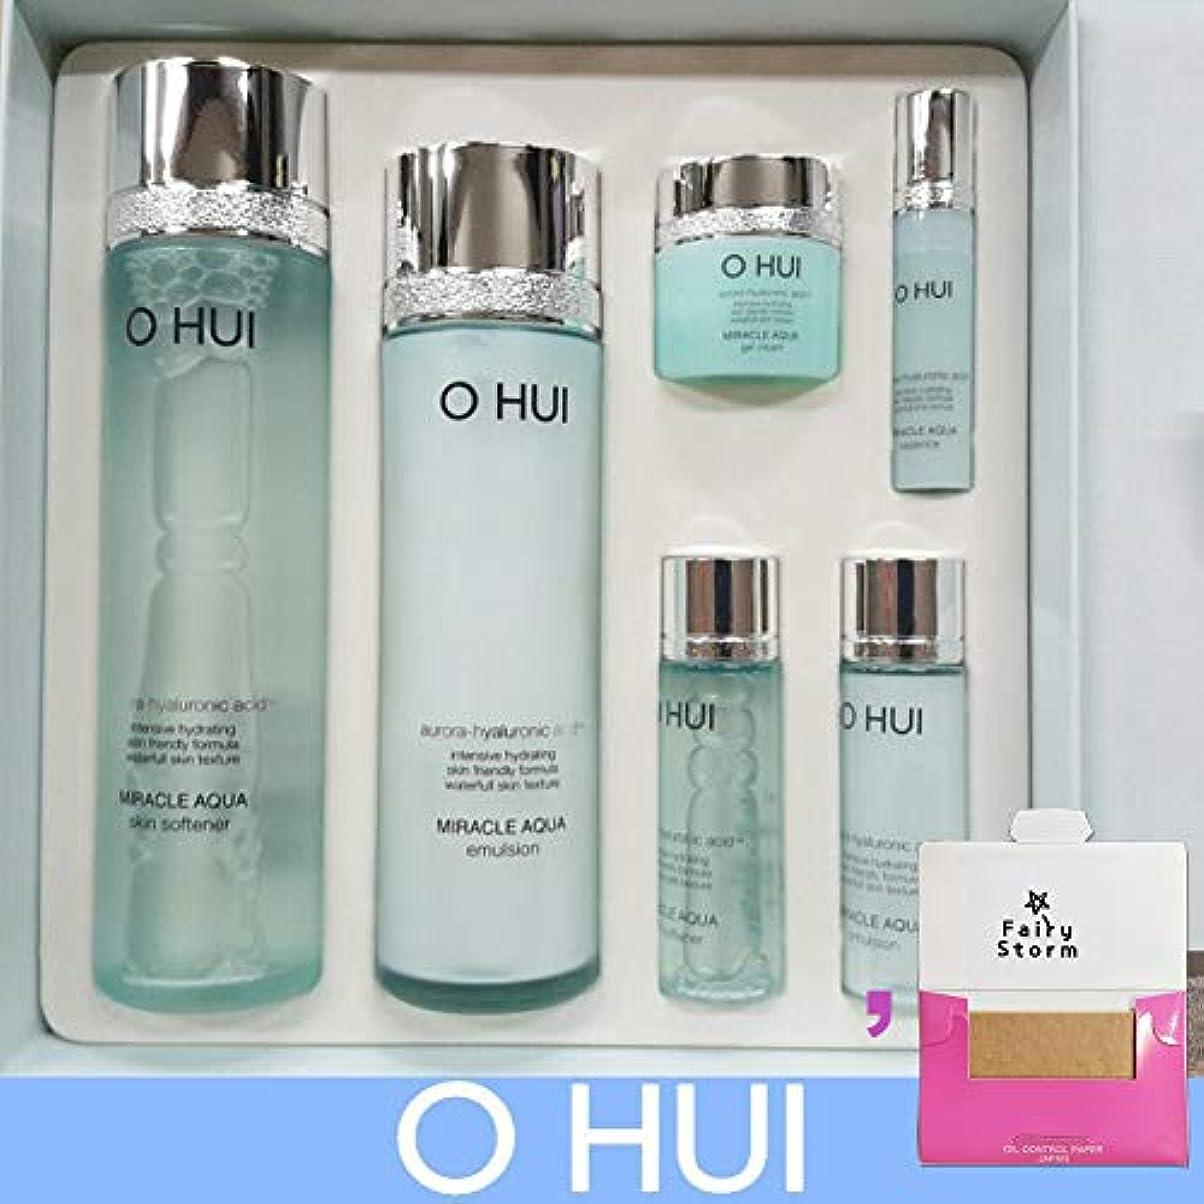 エンティティ毒心のこもった[オフィ/O HUI]韓国化粧品LG生活健康/O HUI MIRACLE AQUA SPECIAL SET/ミラクルアクア2種セット+[Sample Gift](海外直送品)